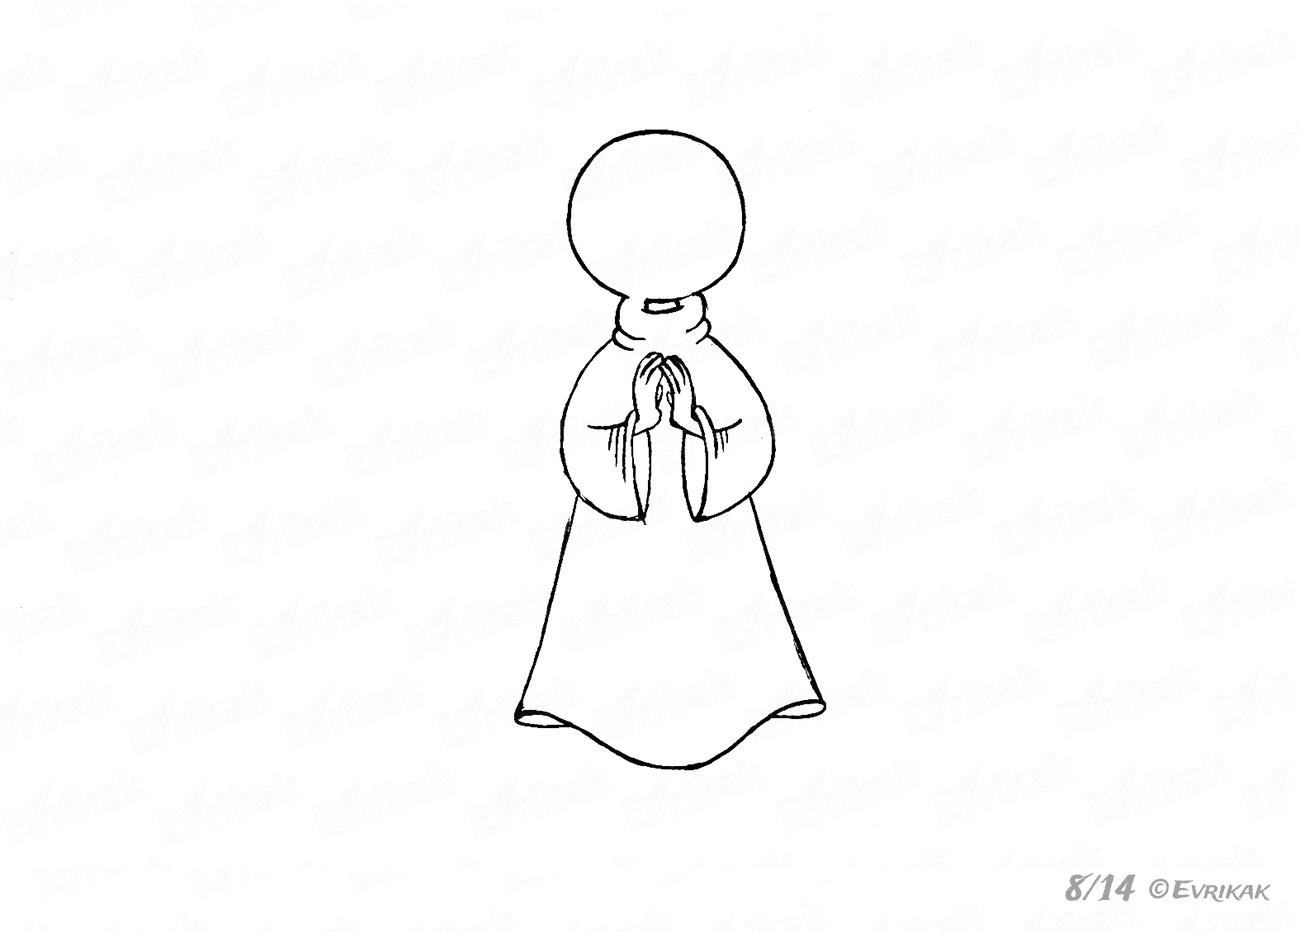 Wie Kann Man Schritt Für Schritt Einen Engel Zeichnen innen Engelsgesicht Malen